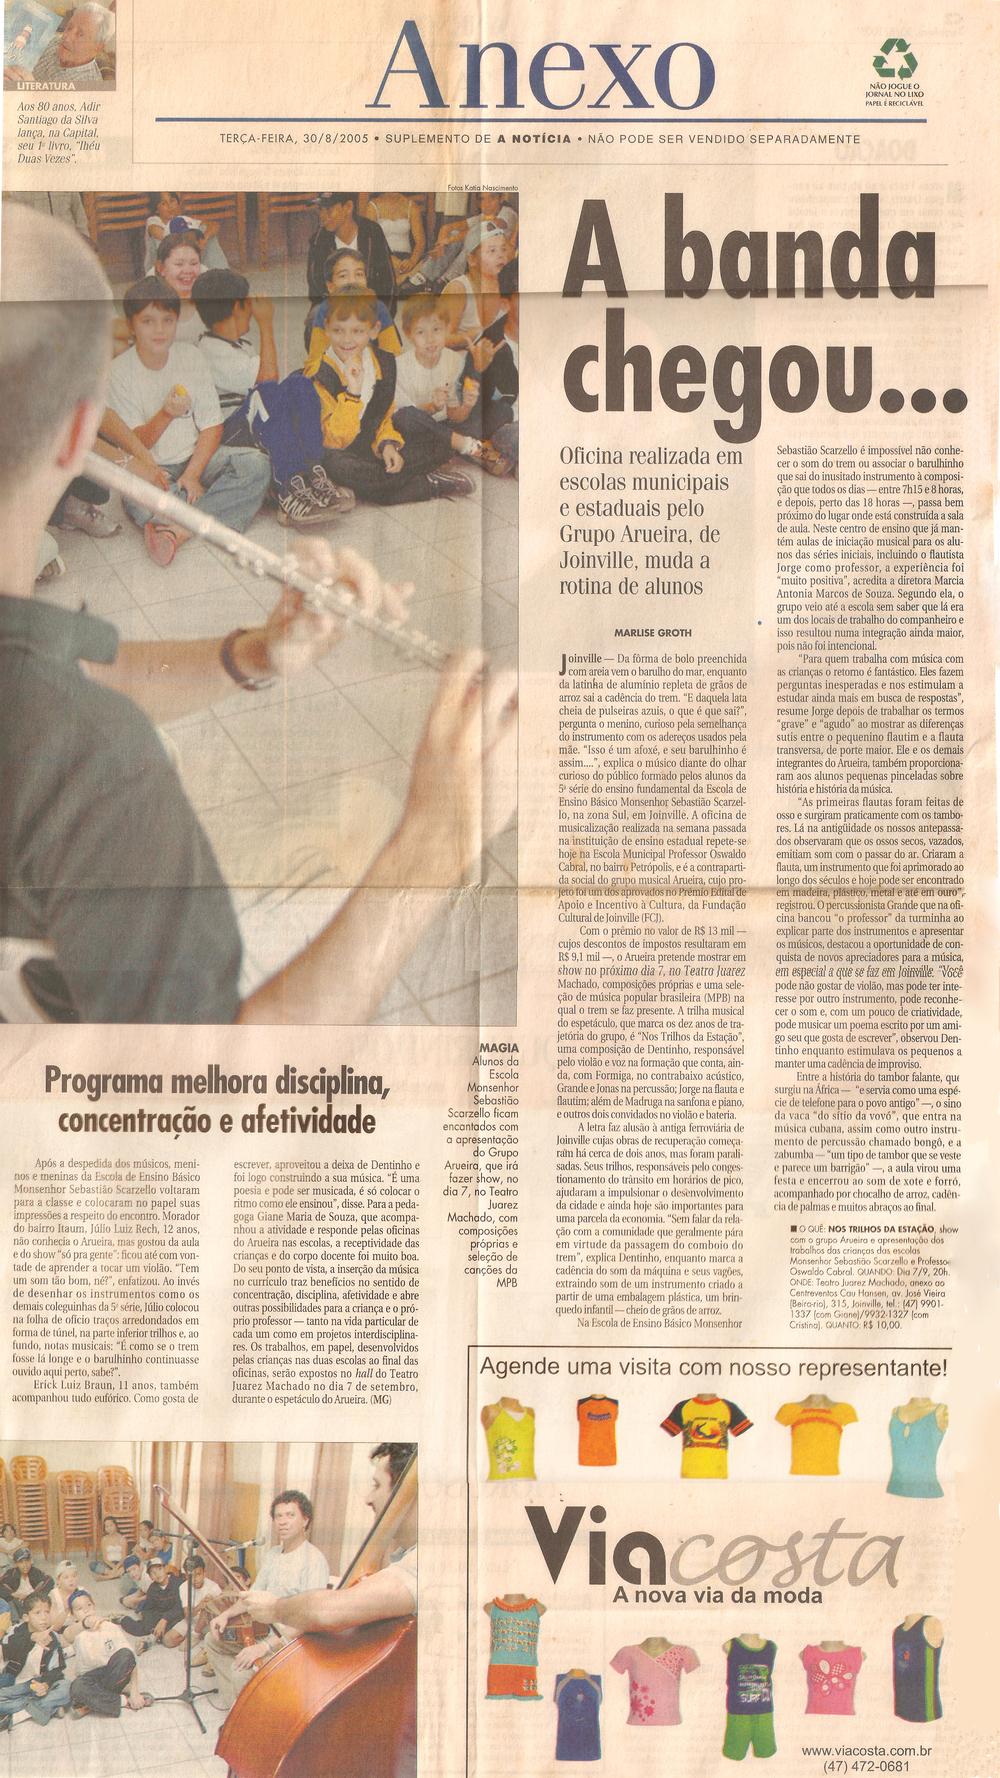 A Notícia - Anexo - agosto 2005